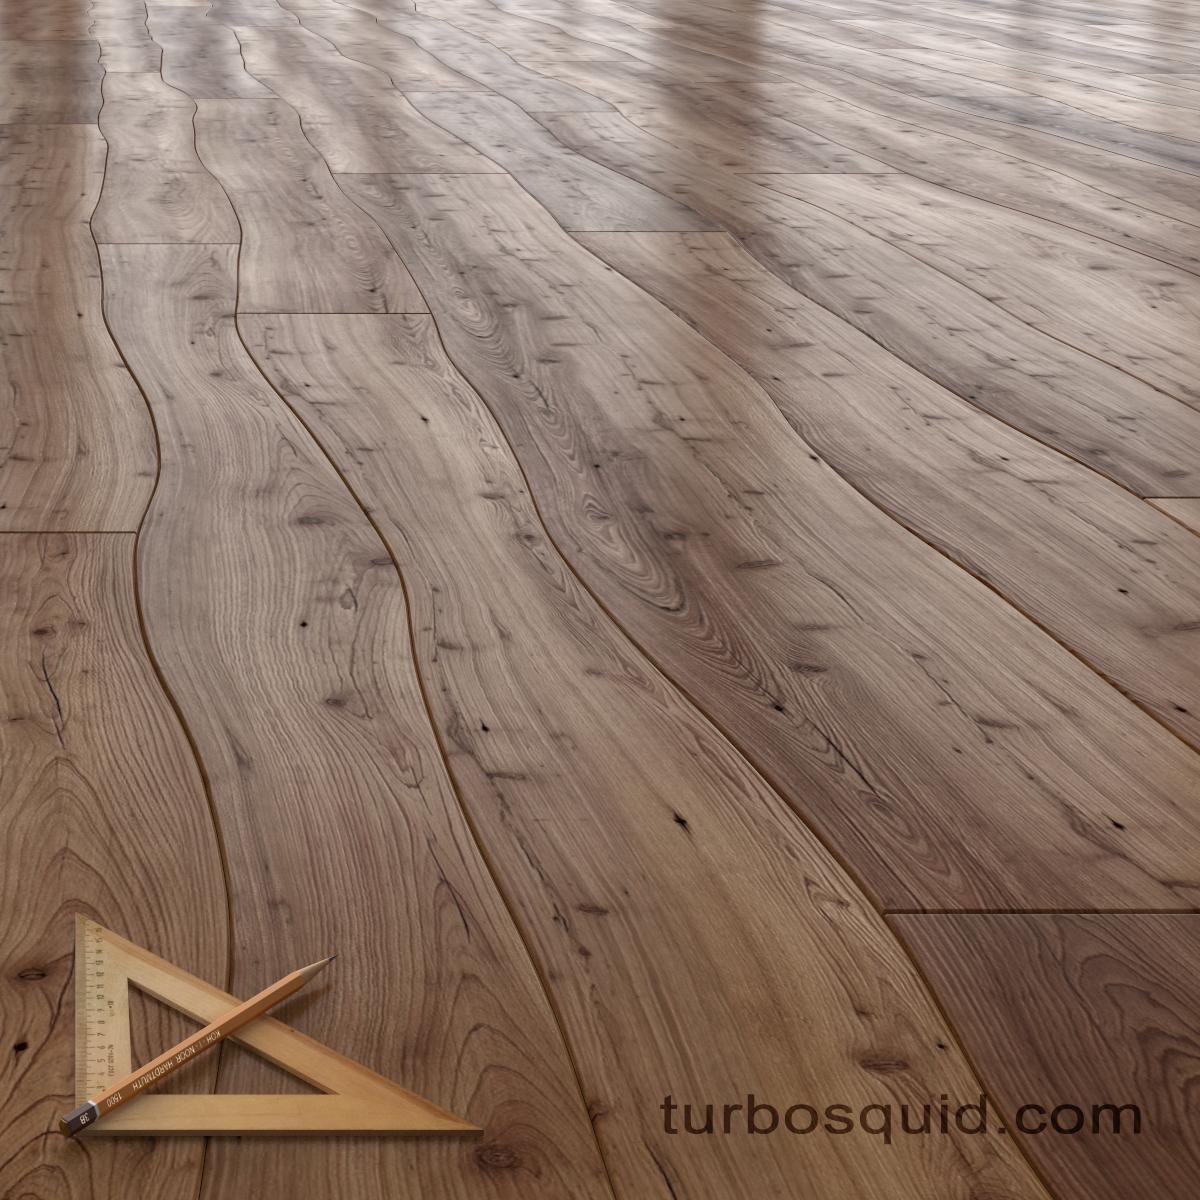 3d Floor Turbosquid 1290479